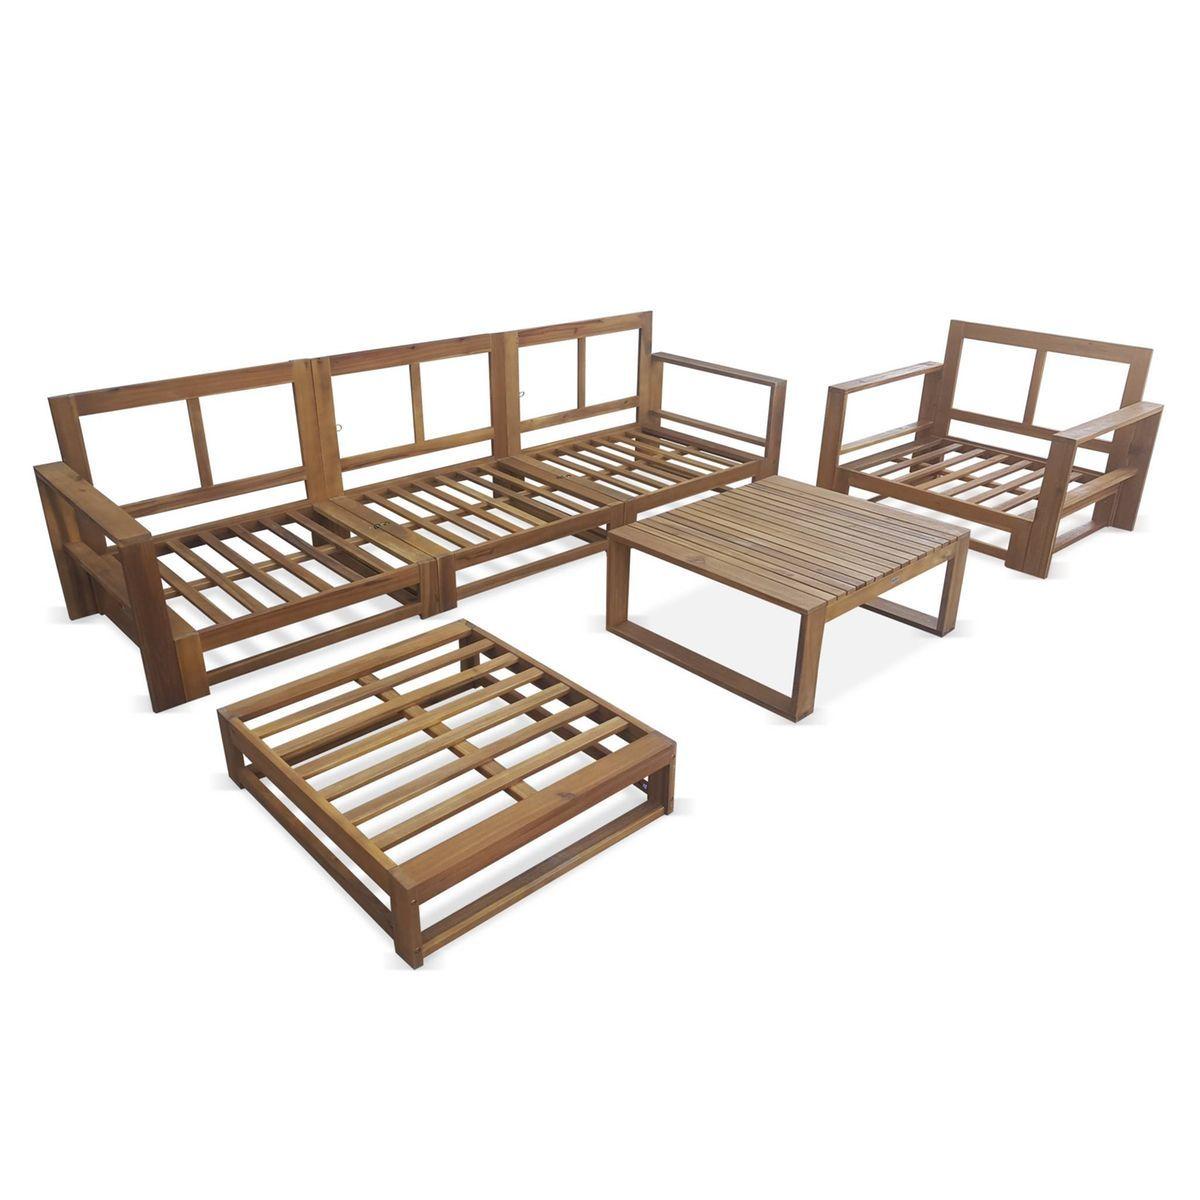 Salon De Jardin En Bois 5 Places Mendoza Coussins Beiges Canape Fauteuils Et Table Basse En Ac Taille Canape En Bois Salon En Bois Salon En Palettes